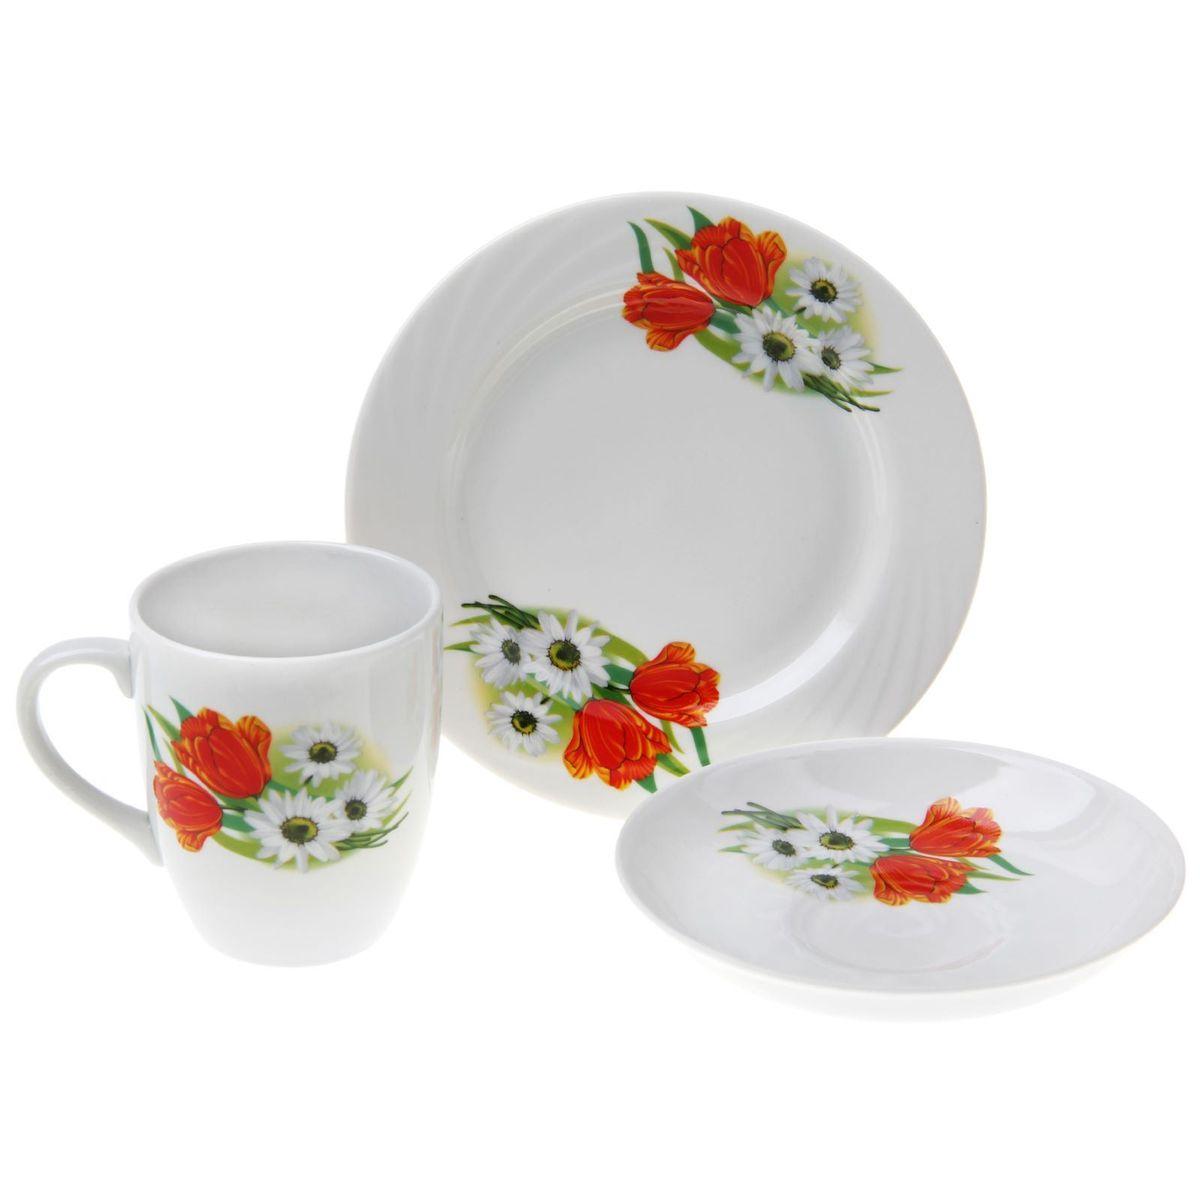 Набор столовой посуды Ромашка с тюльпаном, 3 предмета1303792Набор столовой посуды Ромашка с тюльпаном состоит из кружки, тарелки и блюдца. Изделия выполнены из высококачественного фарфора и оформлены ярким рисунком.Такой набор посуды прекрасно подходит как для торжественных случаев, так и для повседневного использования. Стильный дизайн изящно украсит сервировку стола. Объем кружки: 300 мл.